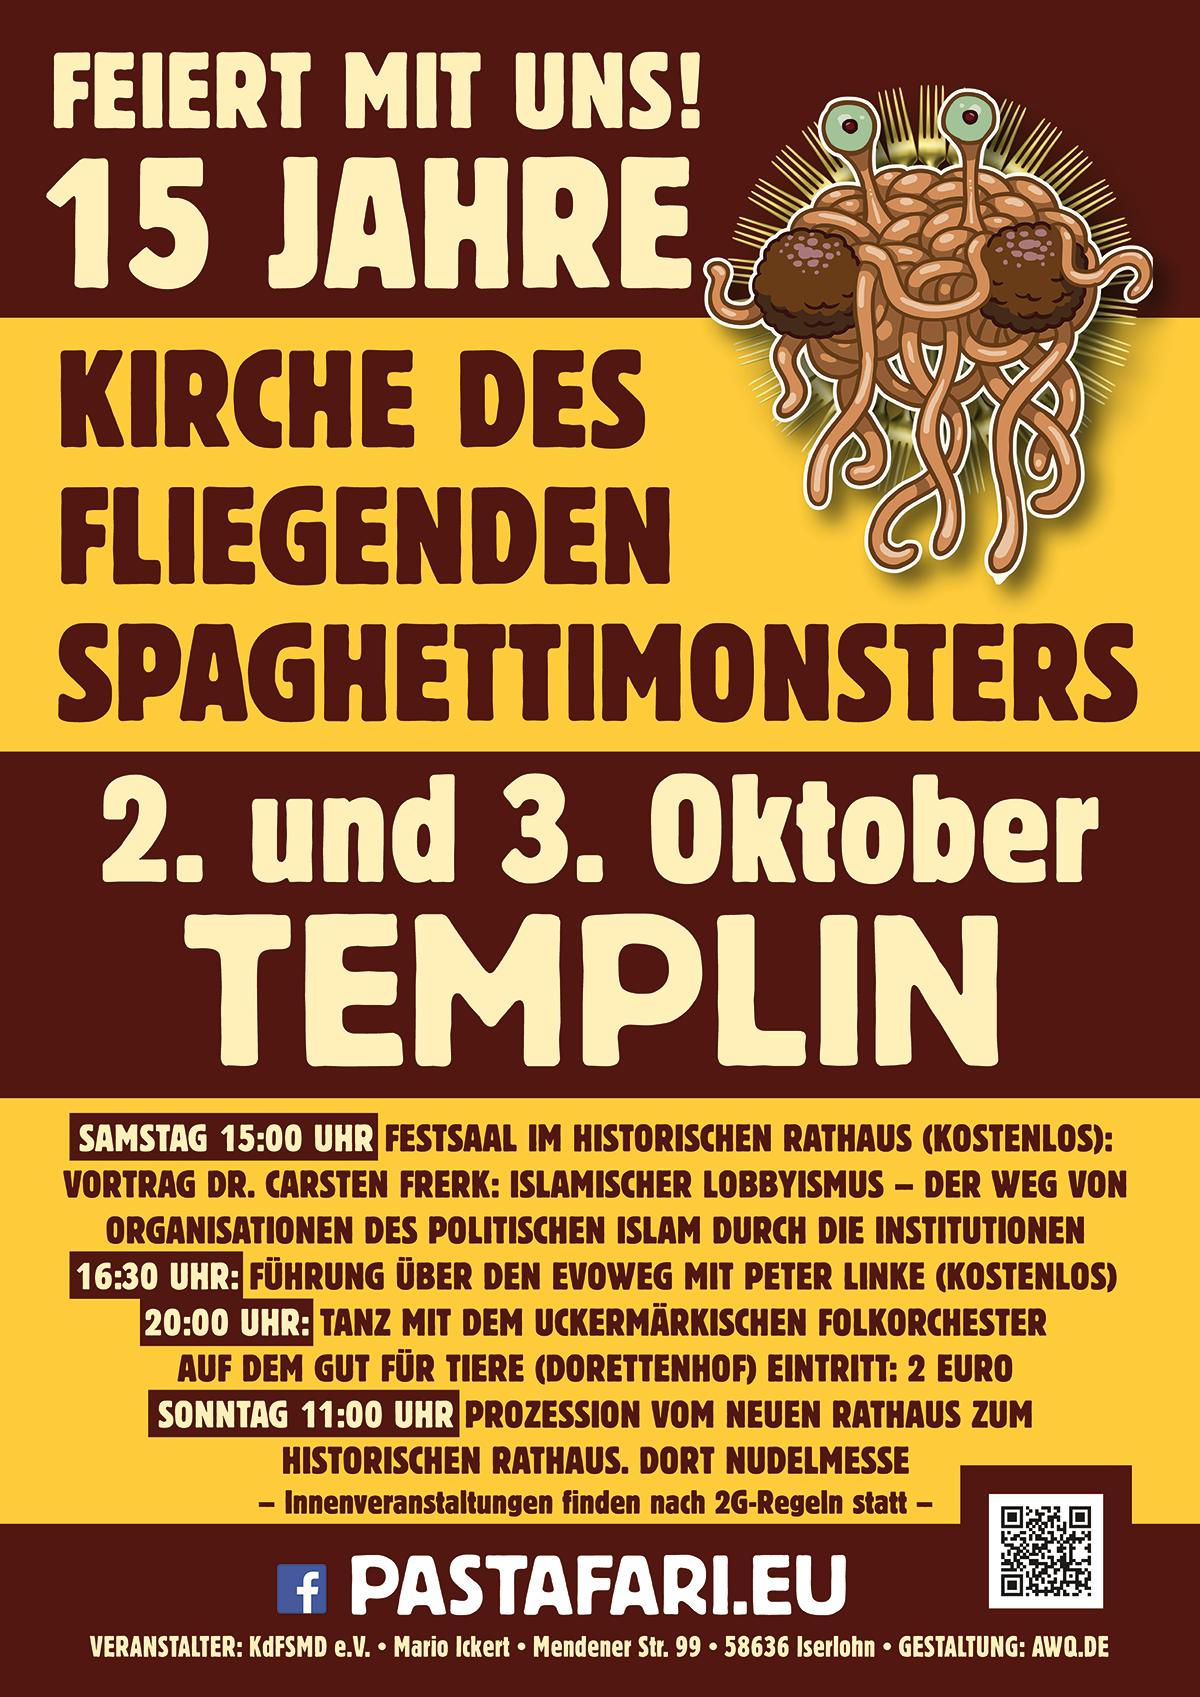 Einladung: 15 Jahre Kirche des Fliegenden Spaghettimonsters, 2.-3. Oktober 2021 in Templin, mit interessantem Programm, Feier und Nudelmesse!